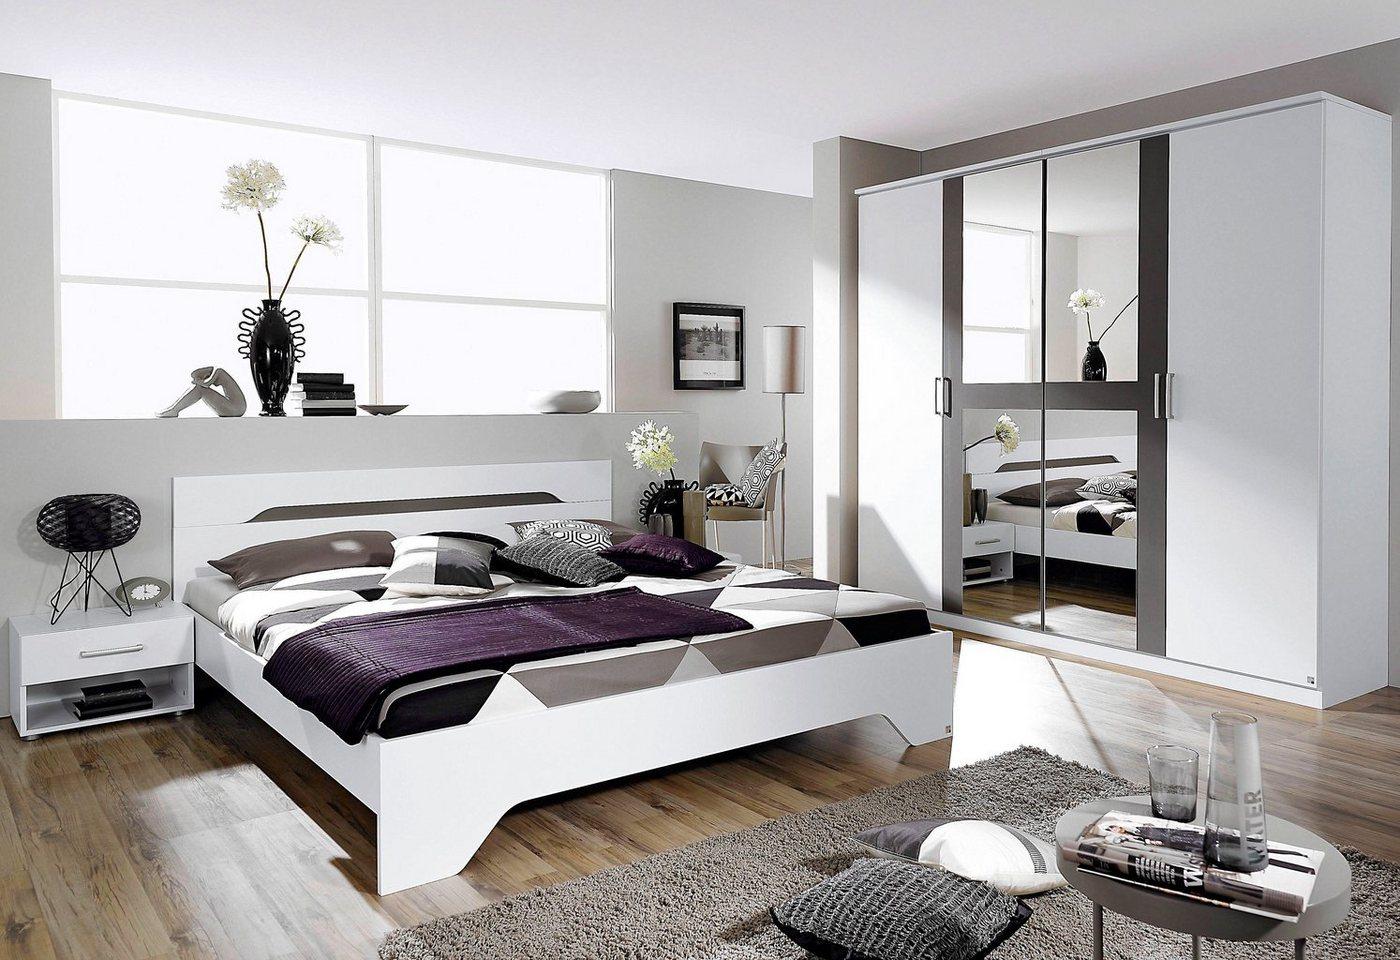 Complete slaapkamer met matras en lattenbodem over Slaapkamers